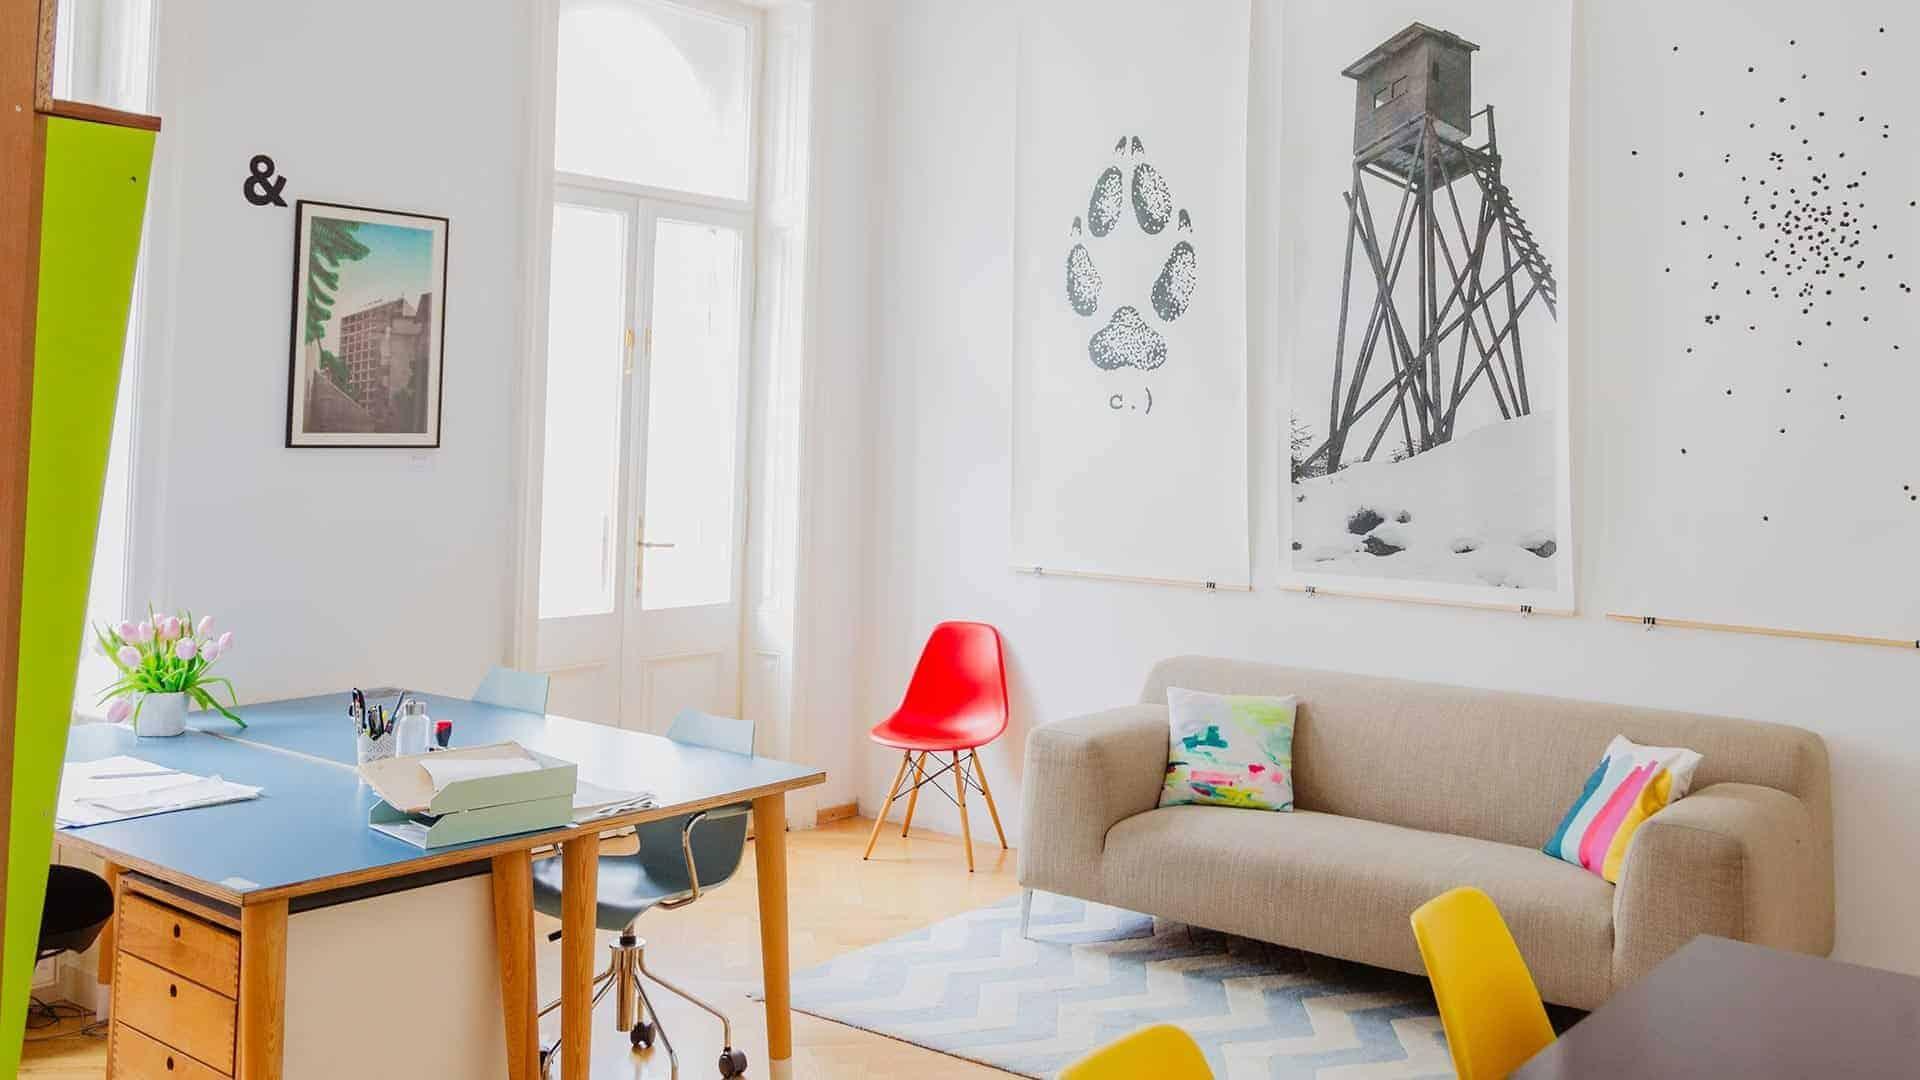 DAS-RUND-OFFICE-HOUSE-7.jpg